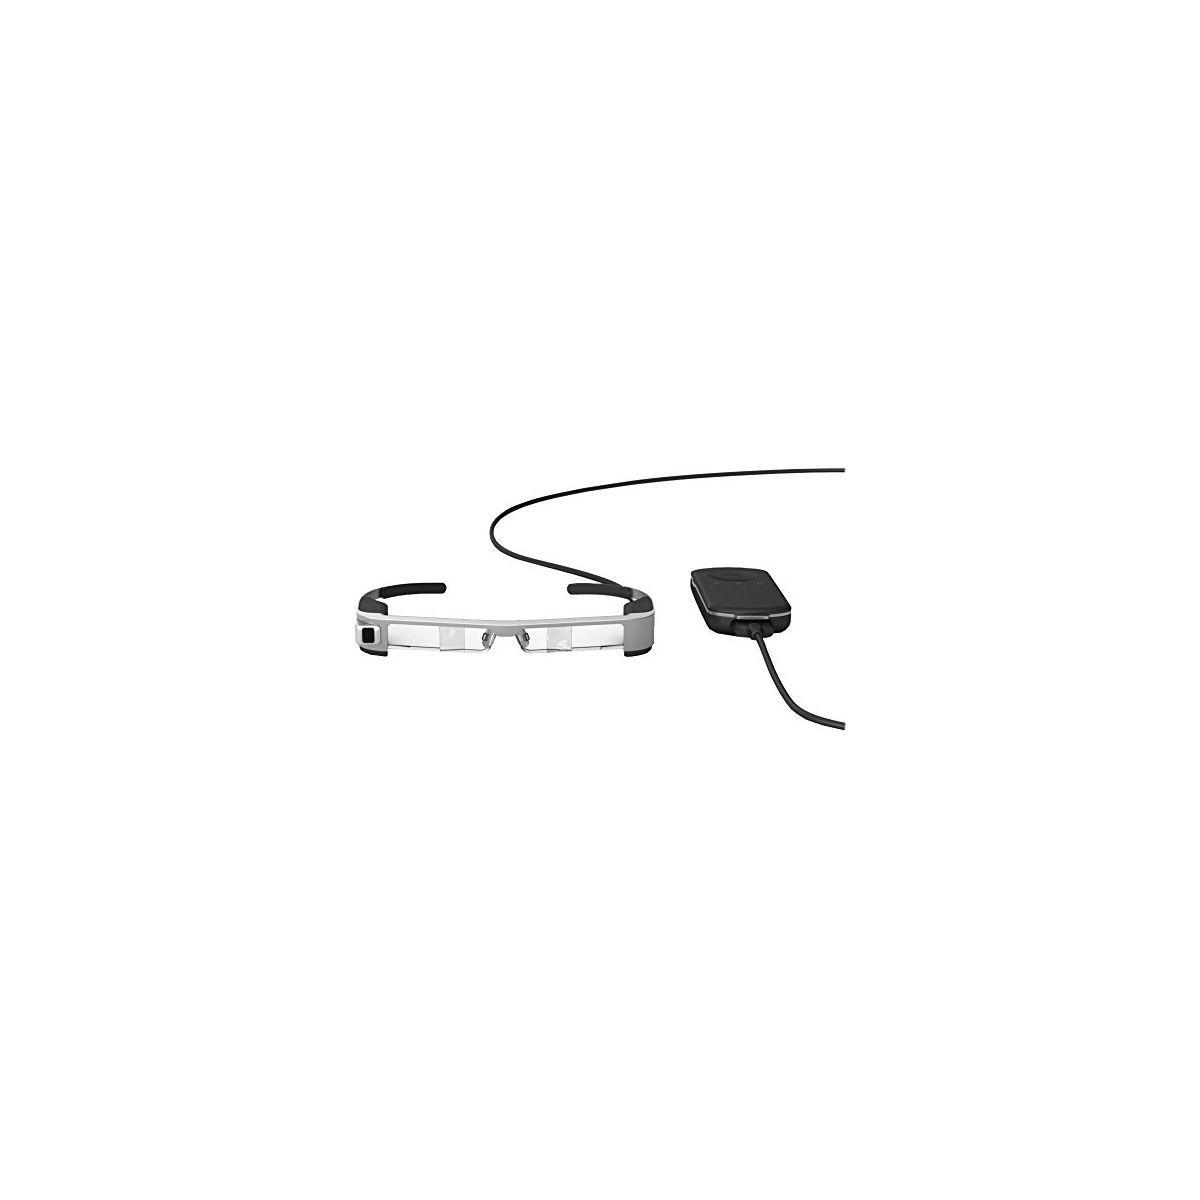 Acc. drone epson lunettes moverio bt-300 - livraison offerte : code livprem